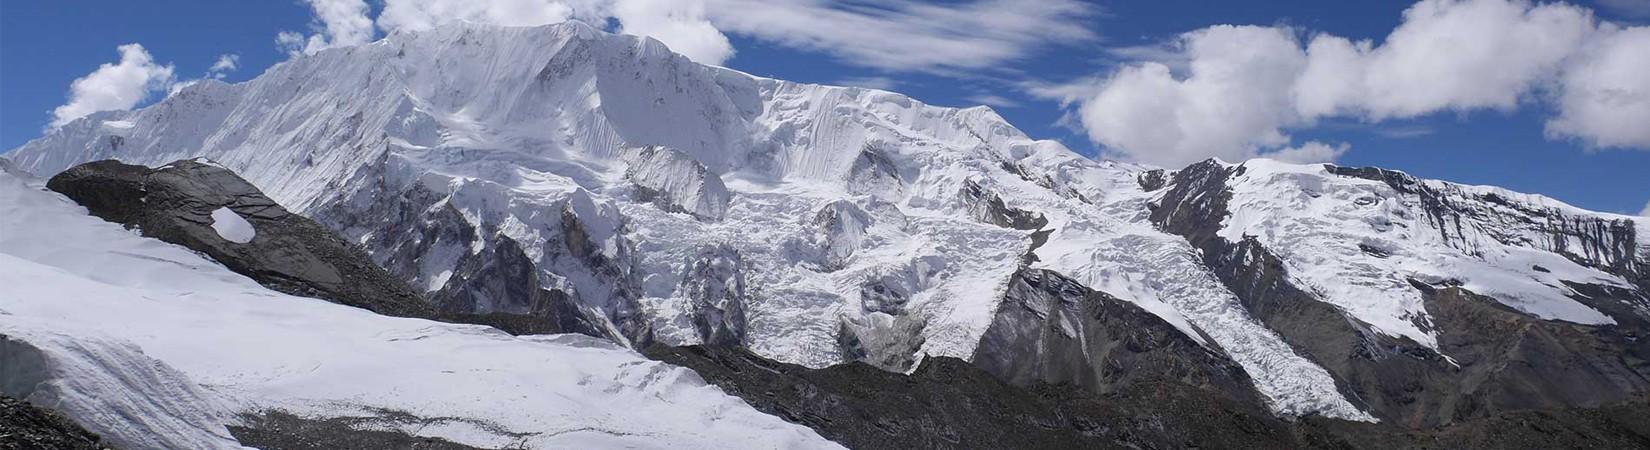 Himlung Himal range